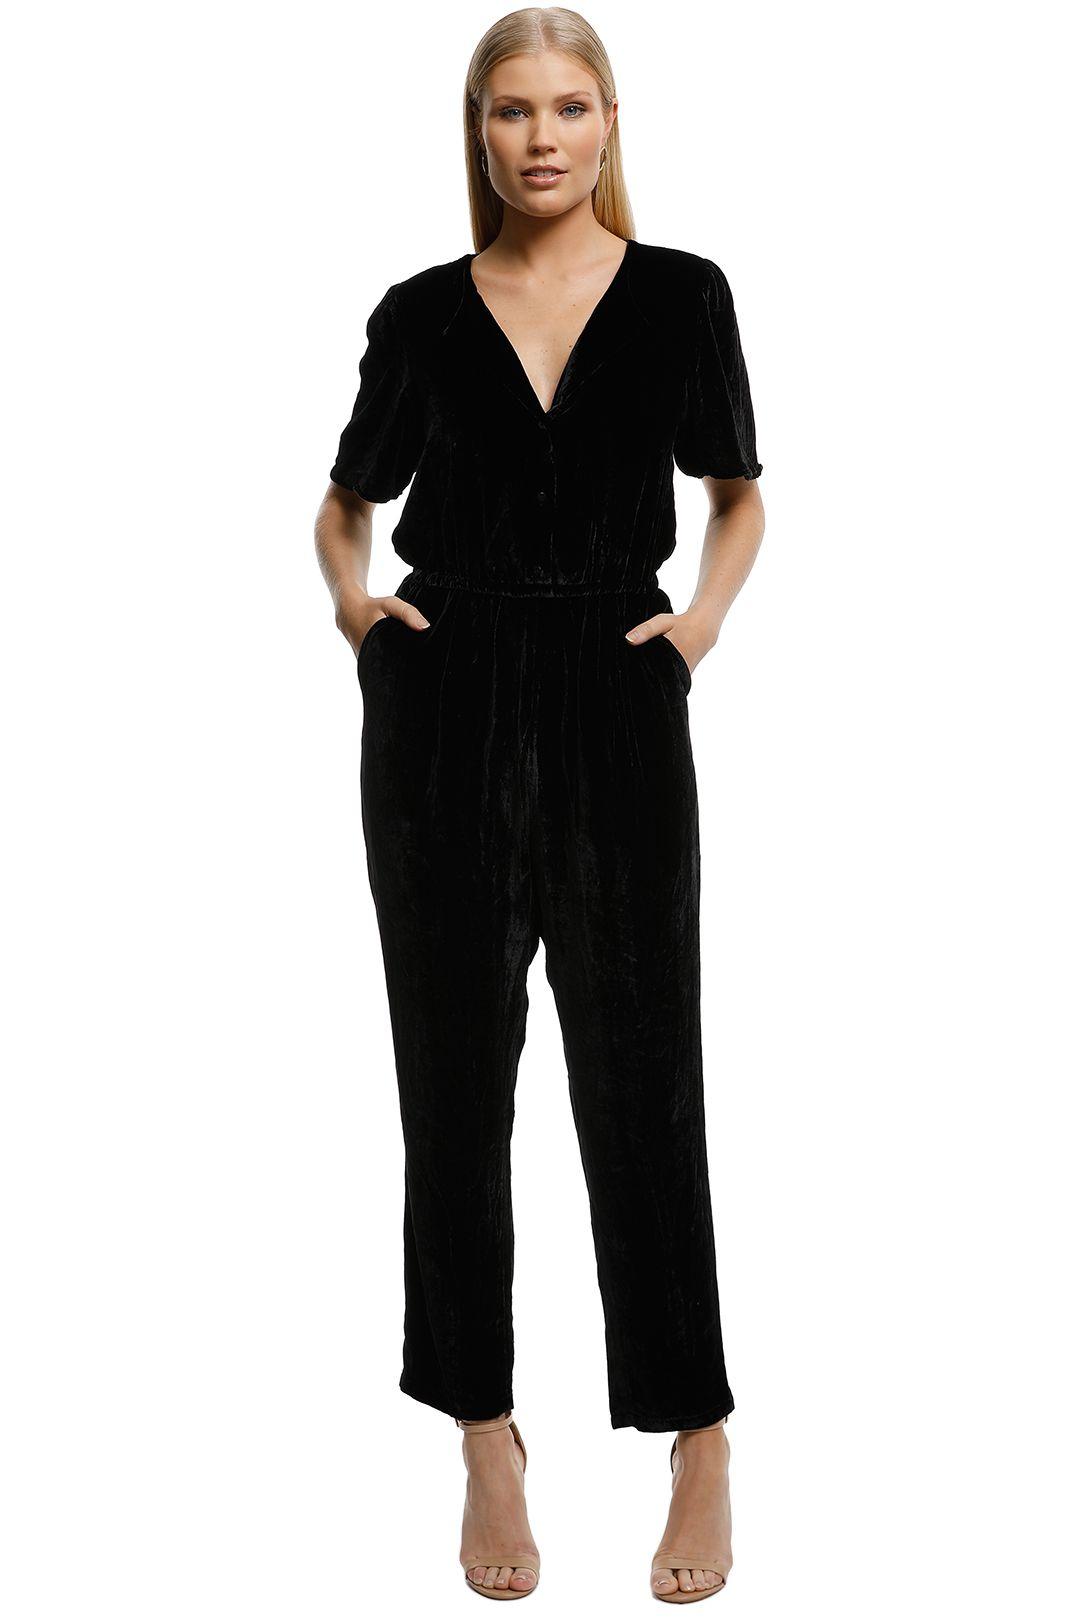 Gorman-Velvet-Pantsuit-Black-Front